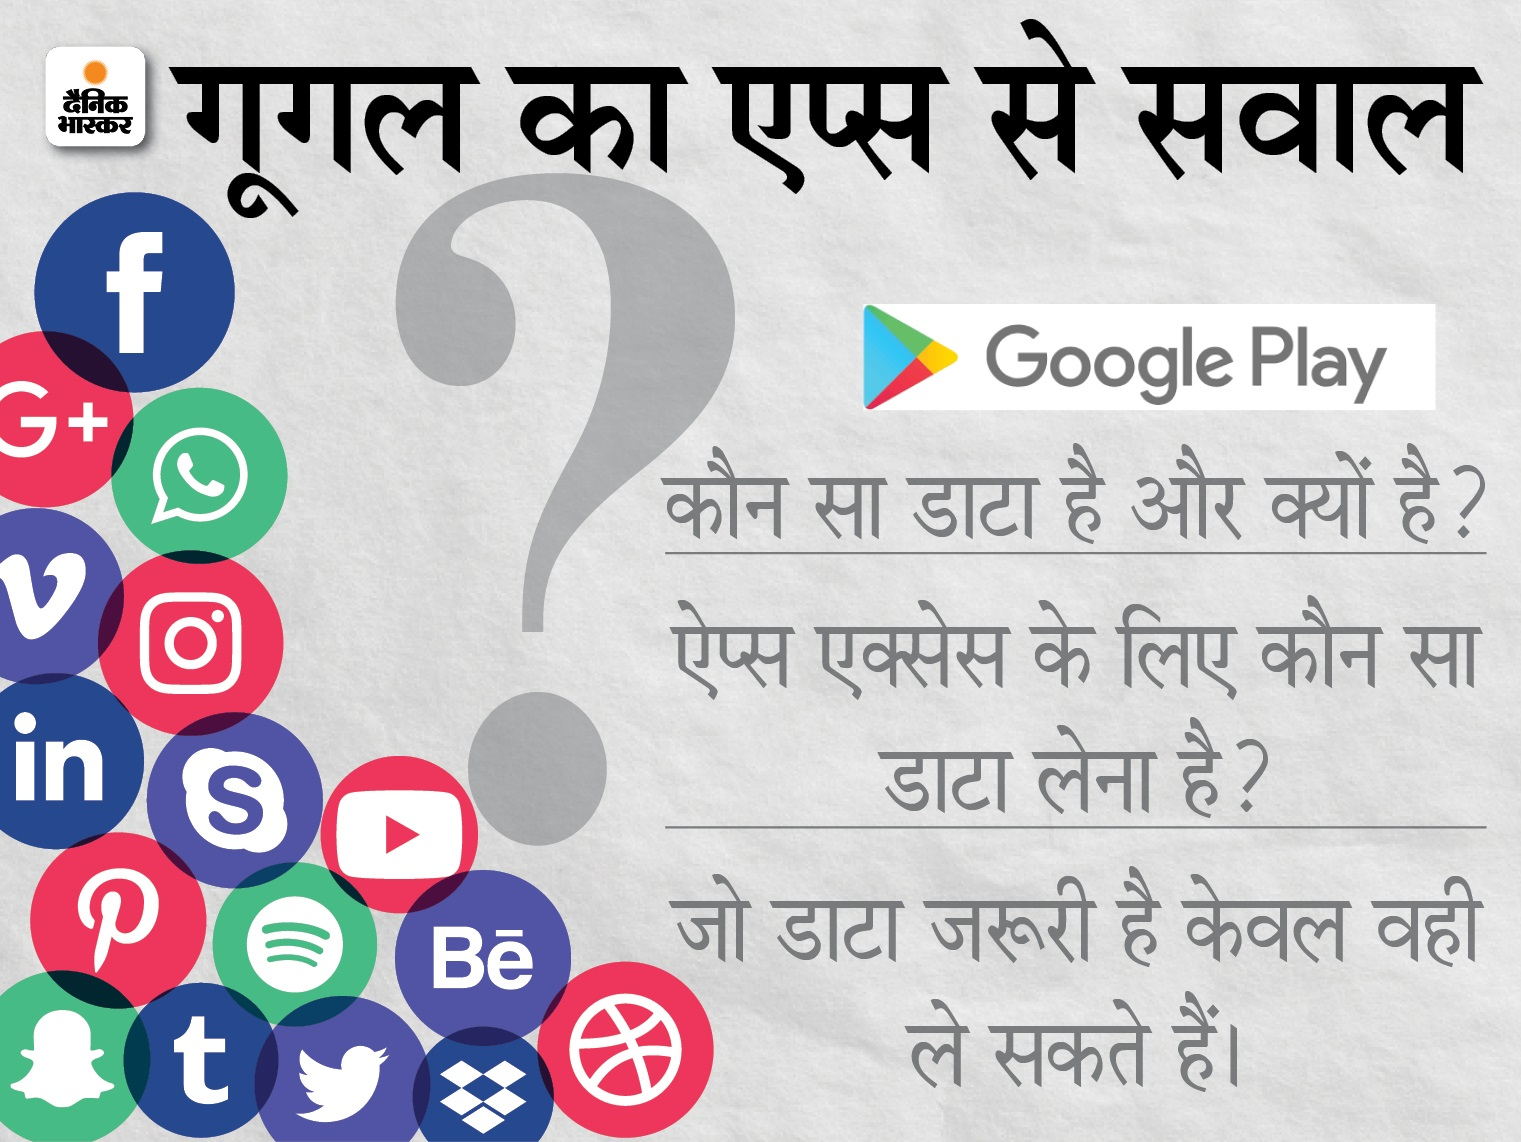 अब कंपनियों को ऐप्स पर यूजर्स की प्राइवेसी रखनी होगी; ऐप्स अनइंस्टॉल करने के बाद डेटा हटाने का रखना होगा ऑप्शन टेक & ऑटो,Tech & Auto - Dainik Bhaskar